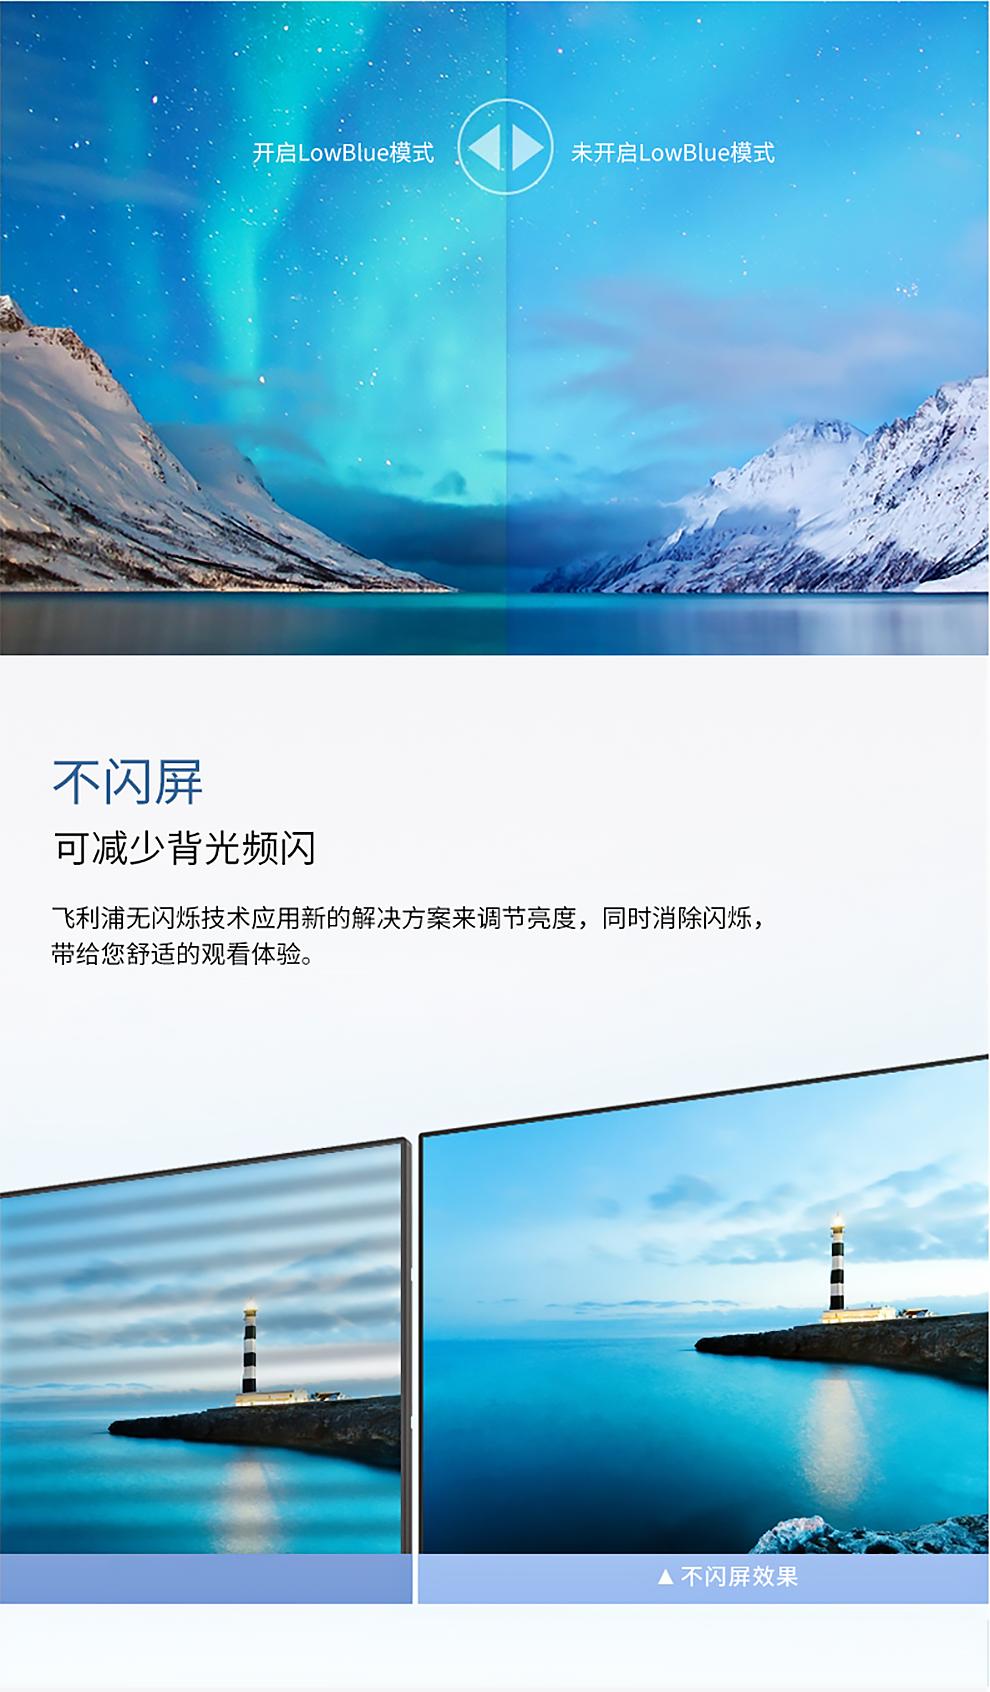 飞利浦230V8 显示器22.5万博手机版客户端下载 IPS高清窄边框低蓝光台式电脑液晶显示器屏幕可壁挂显示器